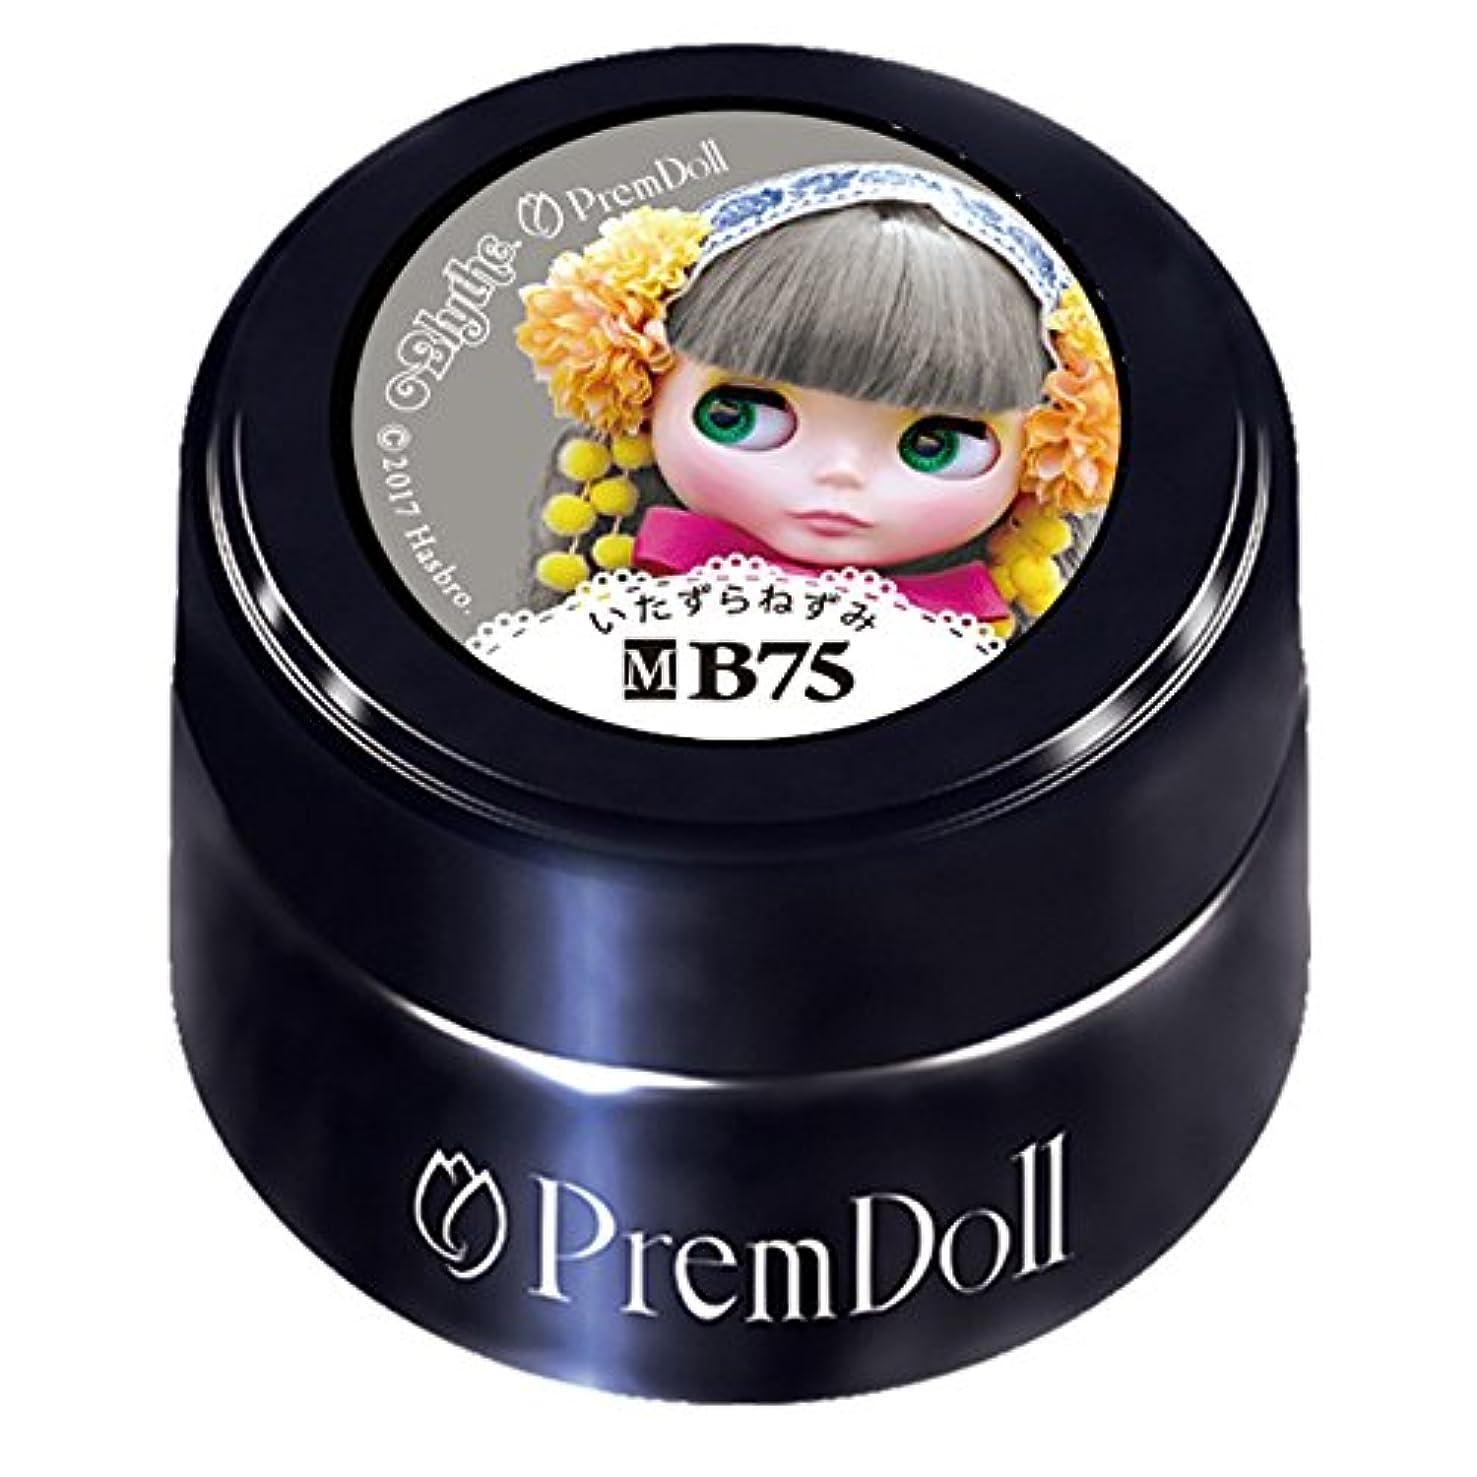 PRE GEL プリムドール いたずらねずみ DOLL-B75 3g UV/LED対応 カラージェル